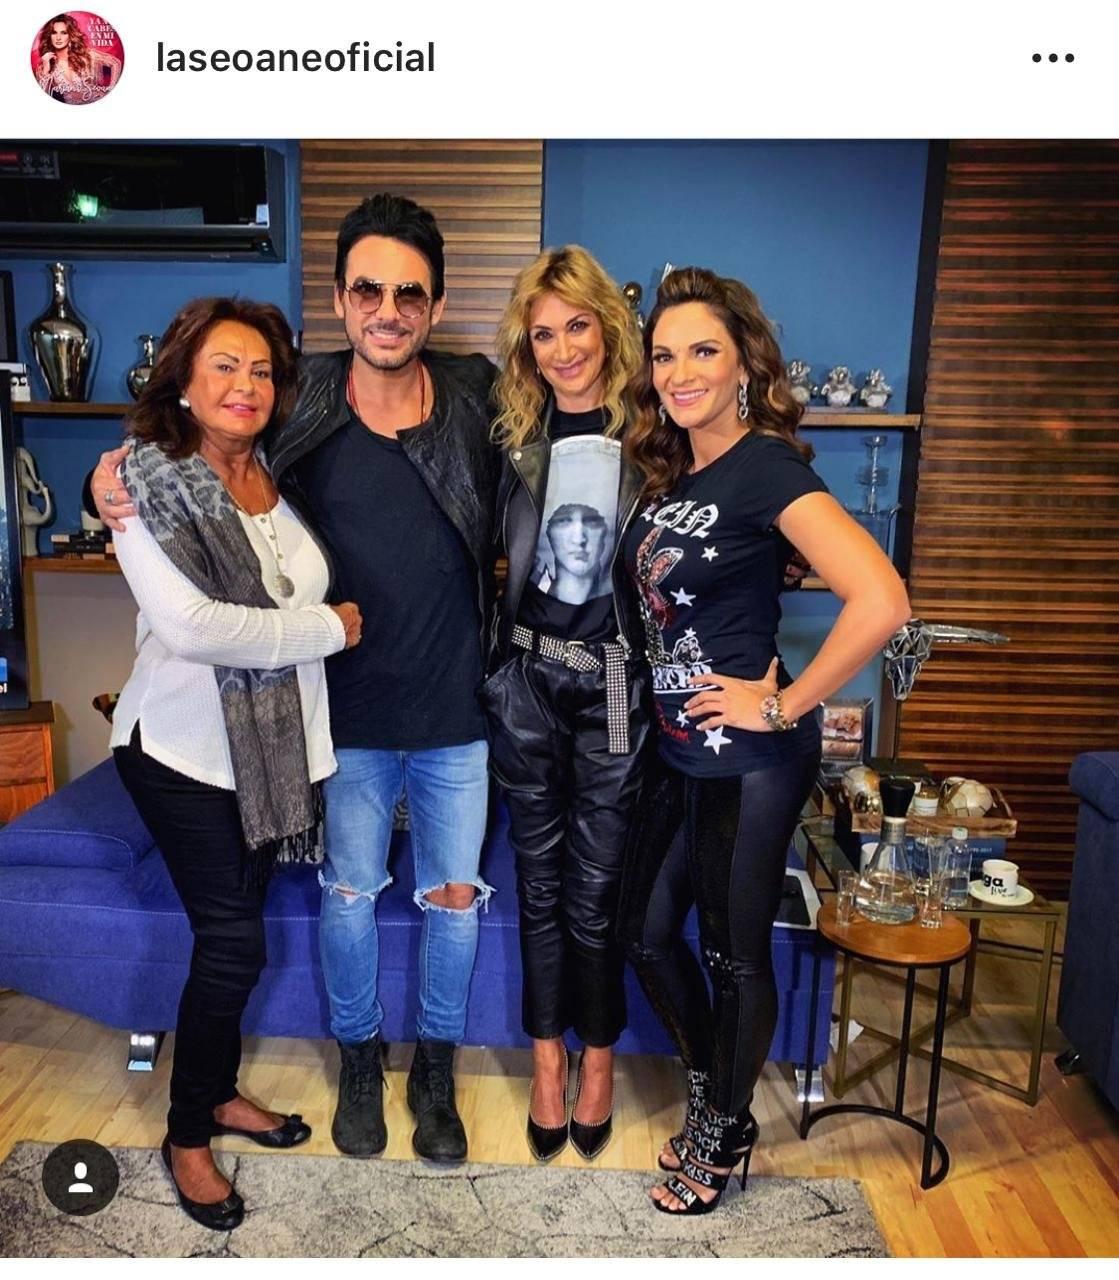 La actriz estuvo en el programa de Adela Micha. Foto: Instagram laseoaneoficial.